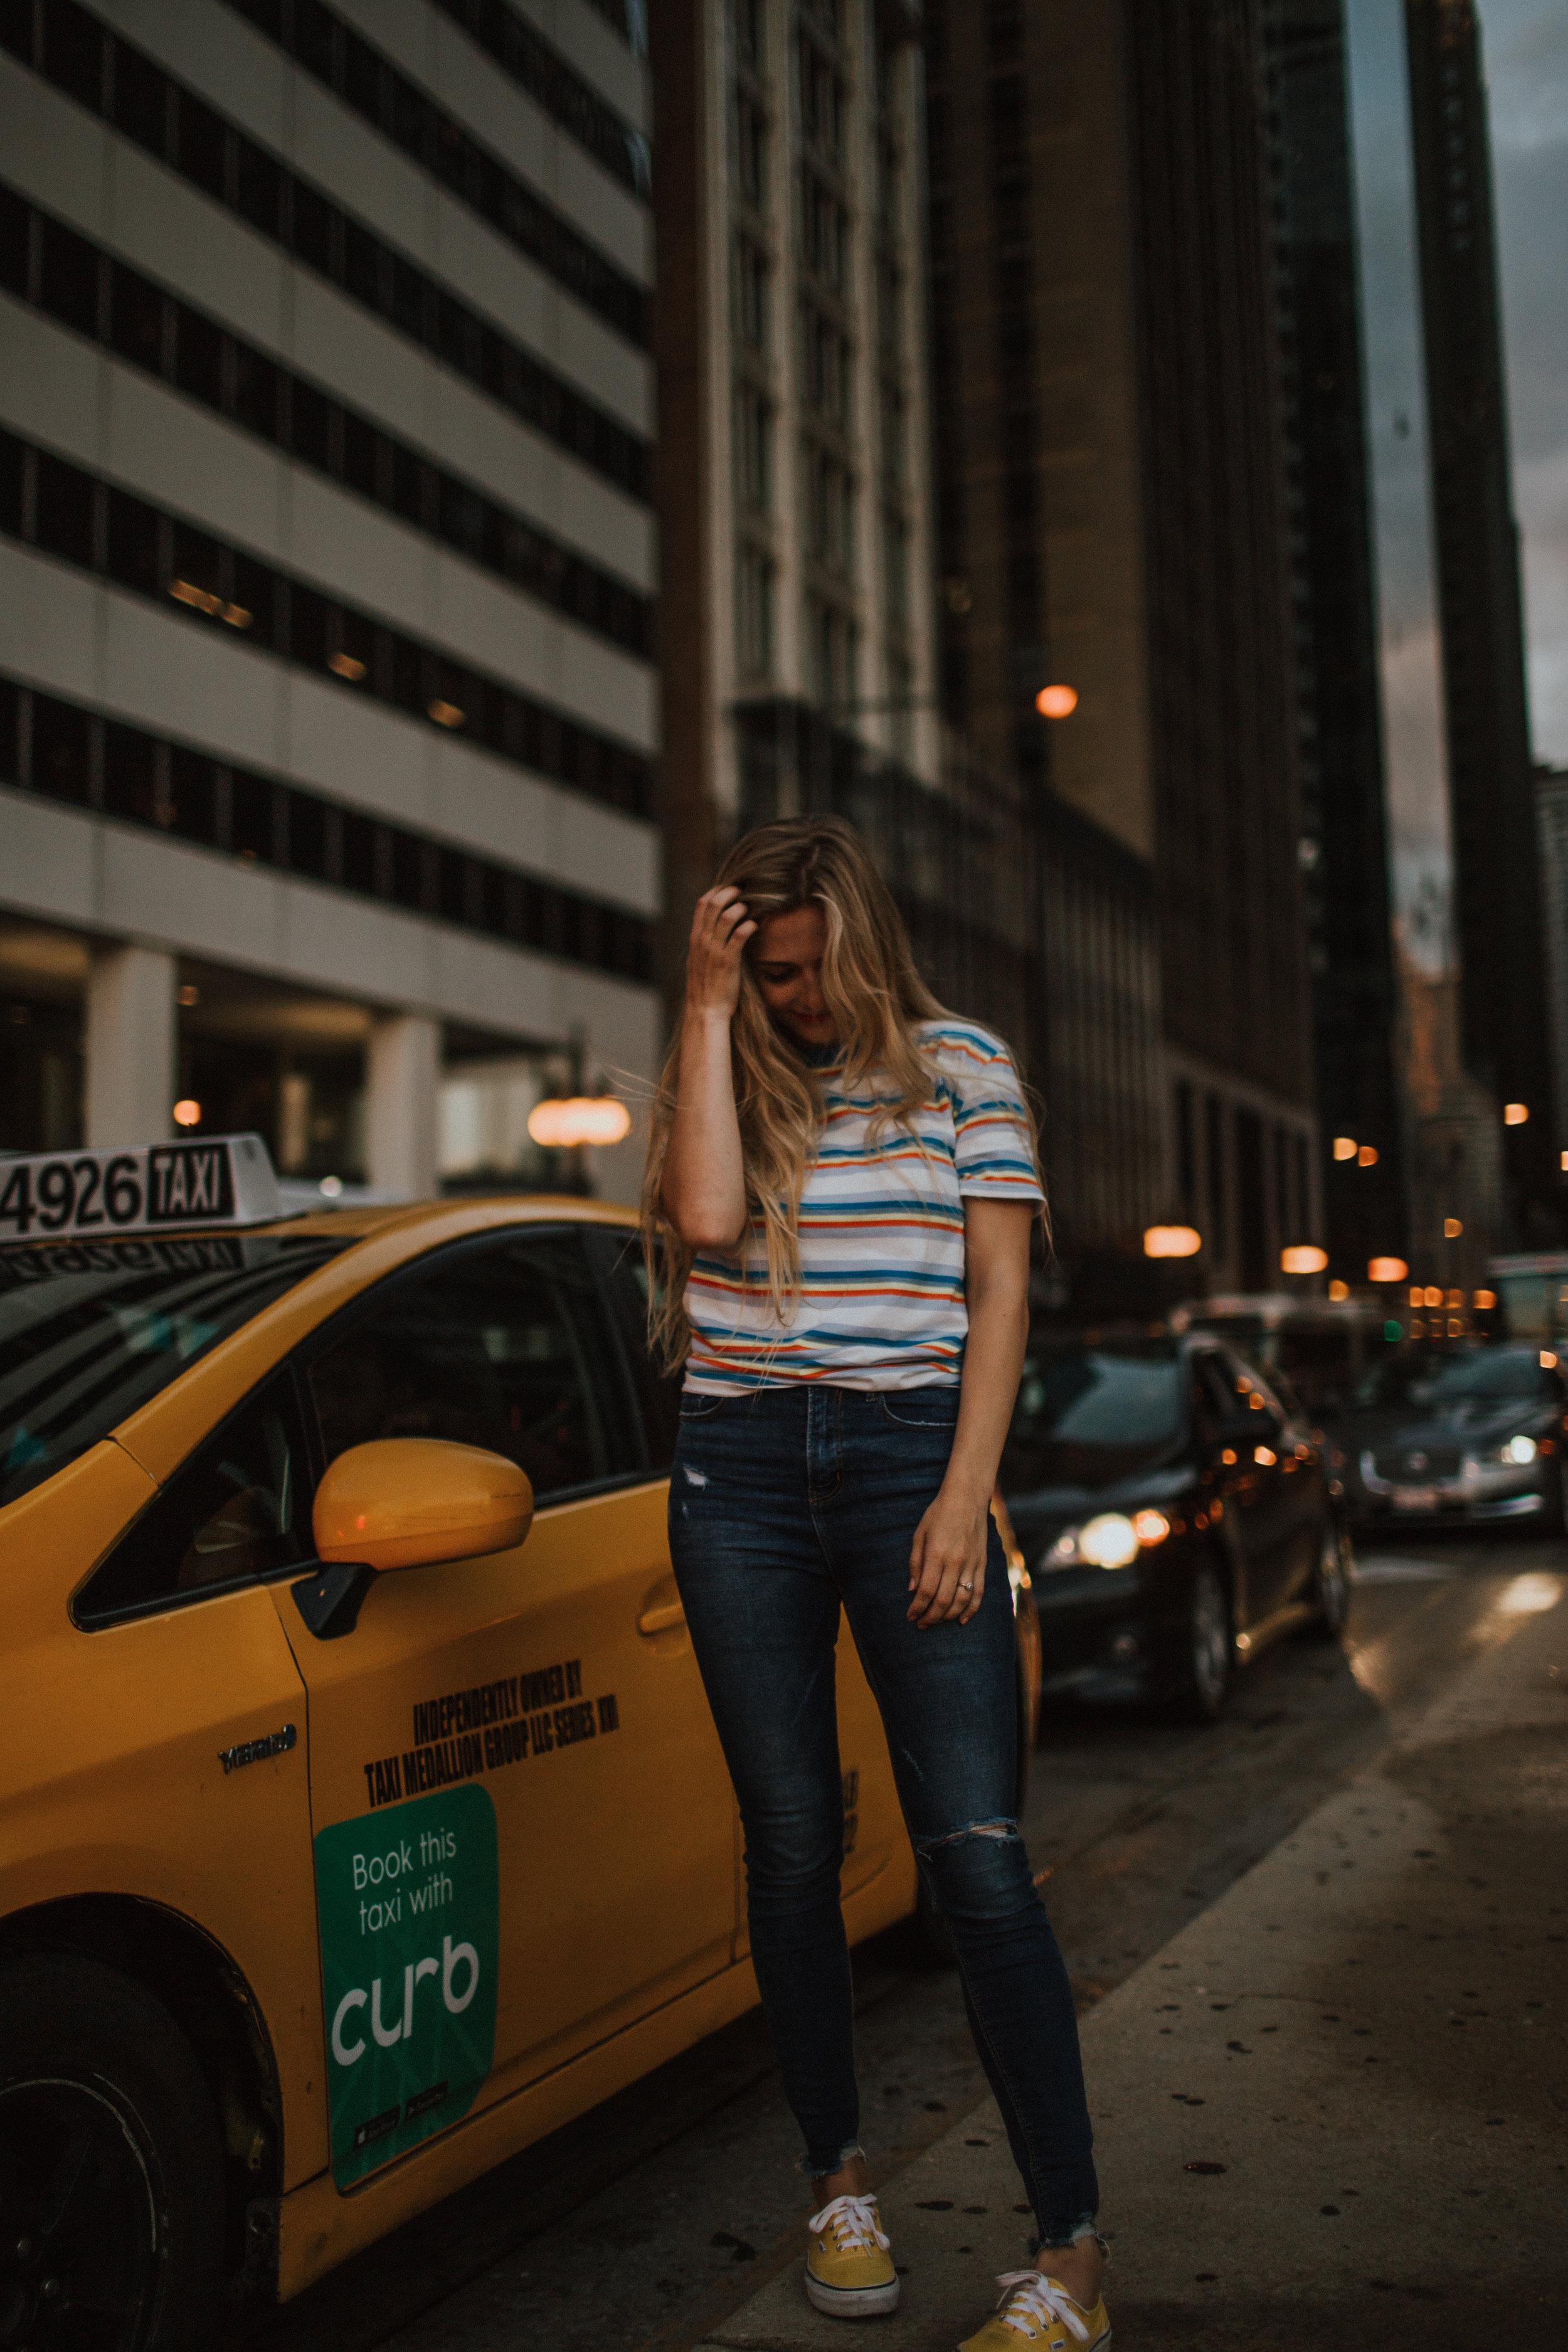 Taxi-7.jpg